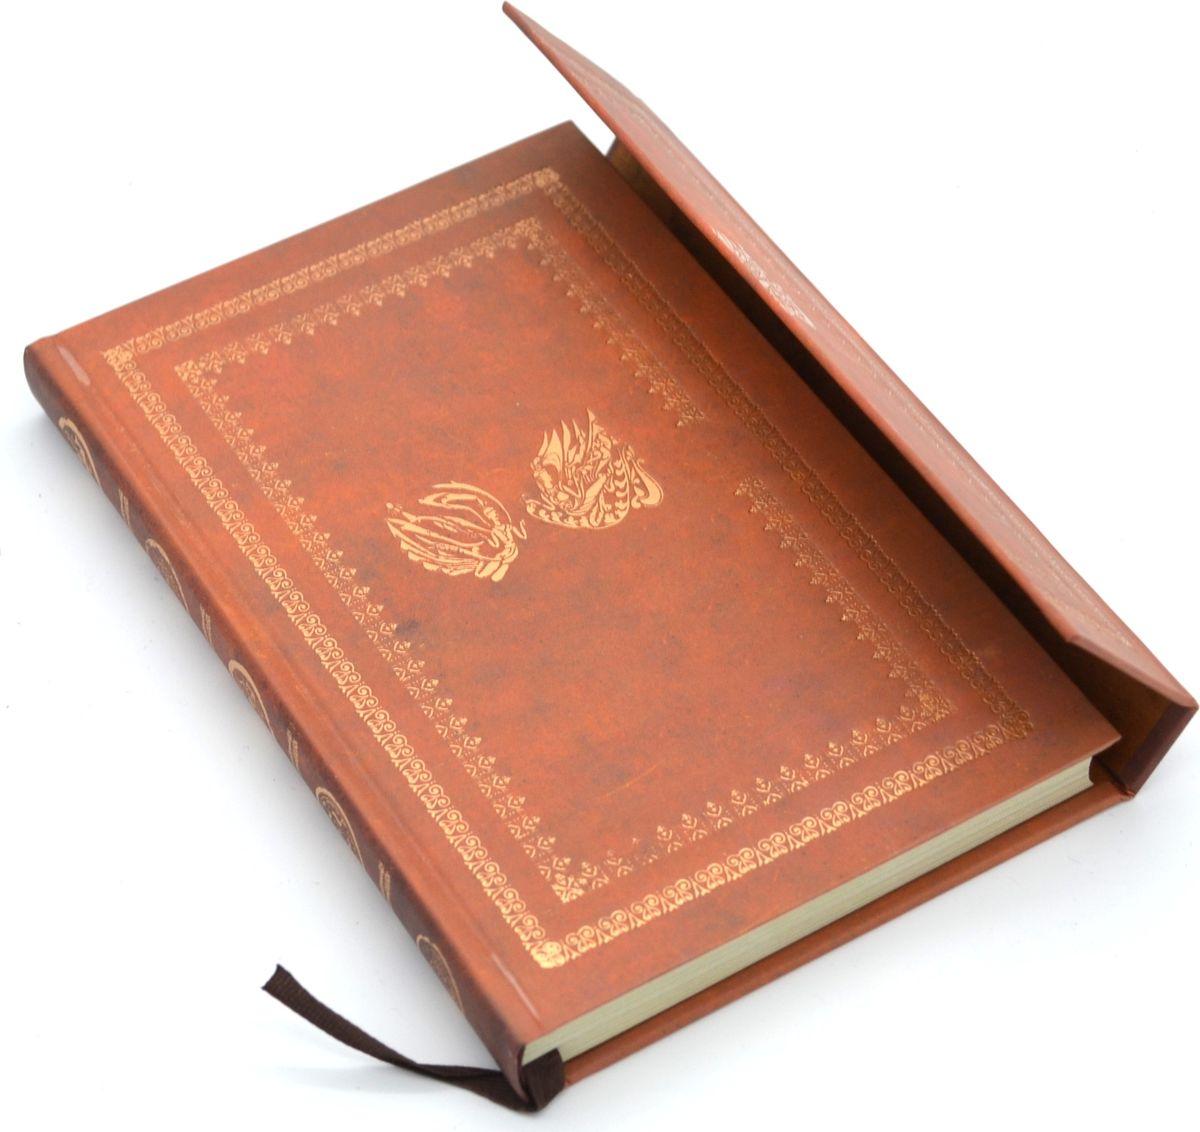 Карамба Блокнот на магните 98 листов цвет коричневый4124Стильный блокнот Карамба с жесткой обложкой - незаменимый атрибут современного человека, необходимый для рабочих и повседневных записей в офисе и дома. Магнитная застежка. 98 цветных листов с нежным рисунком.